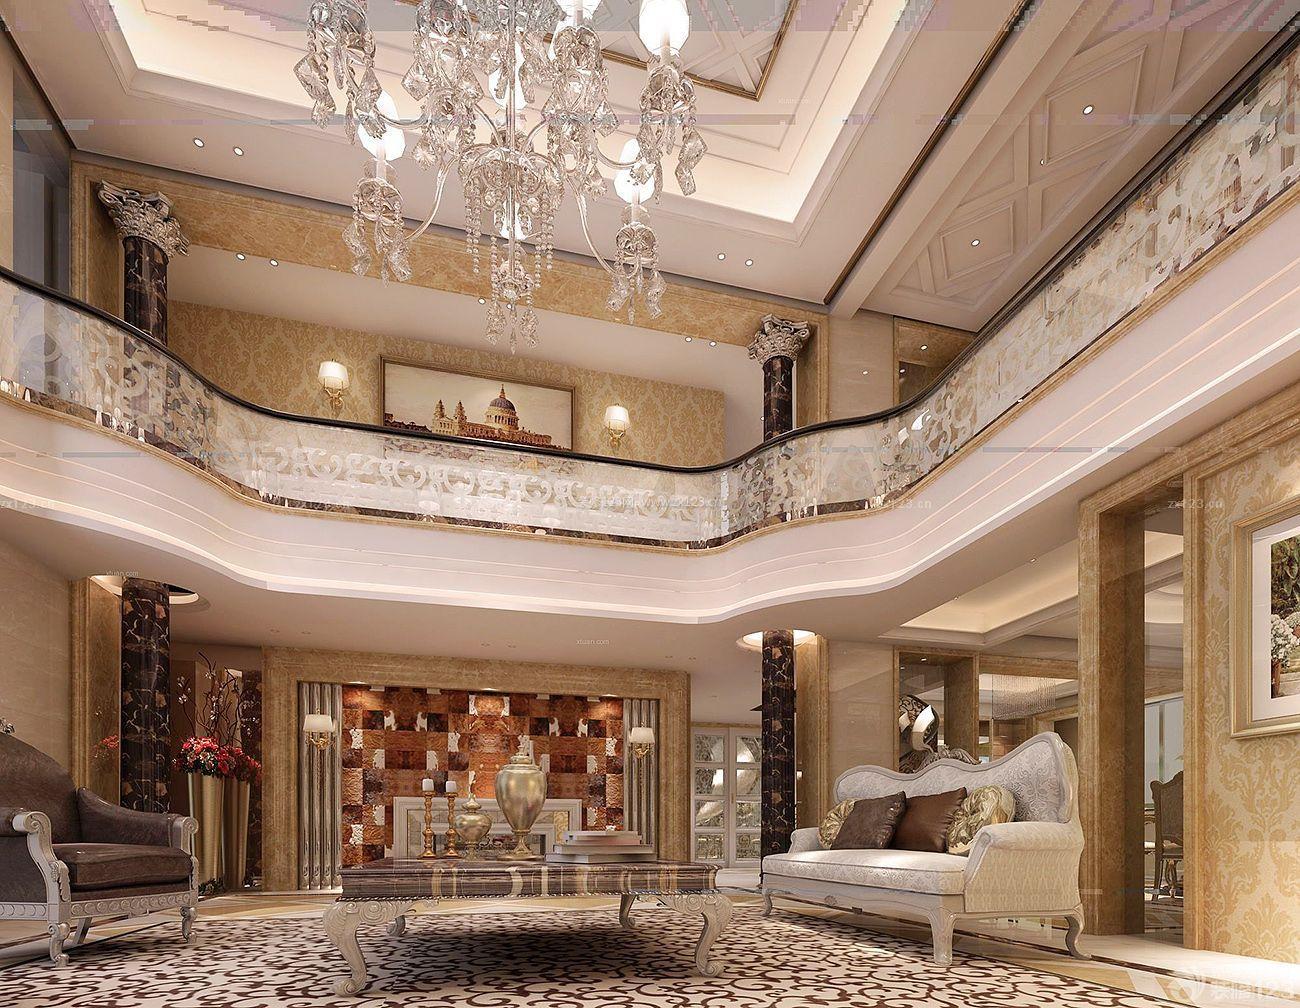 现代欧式复式别墅大厅水晶吊灯设计图片